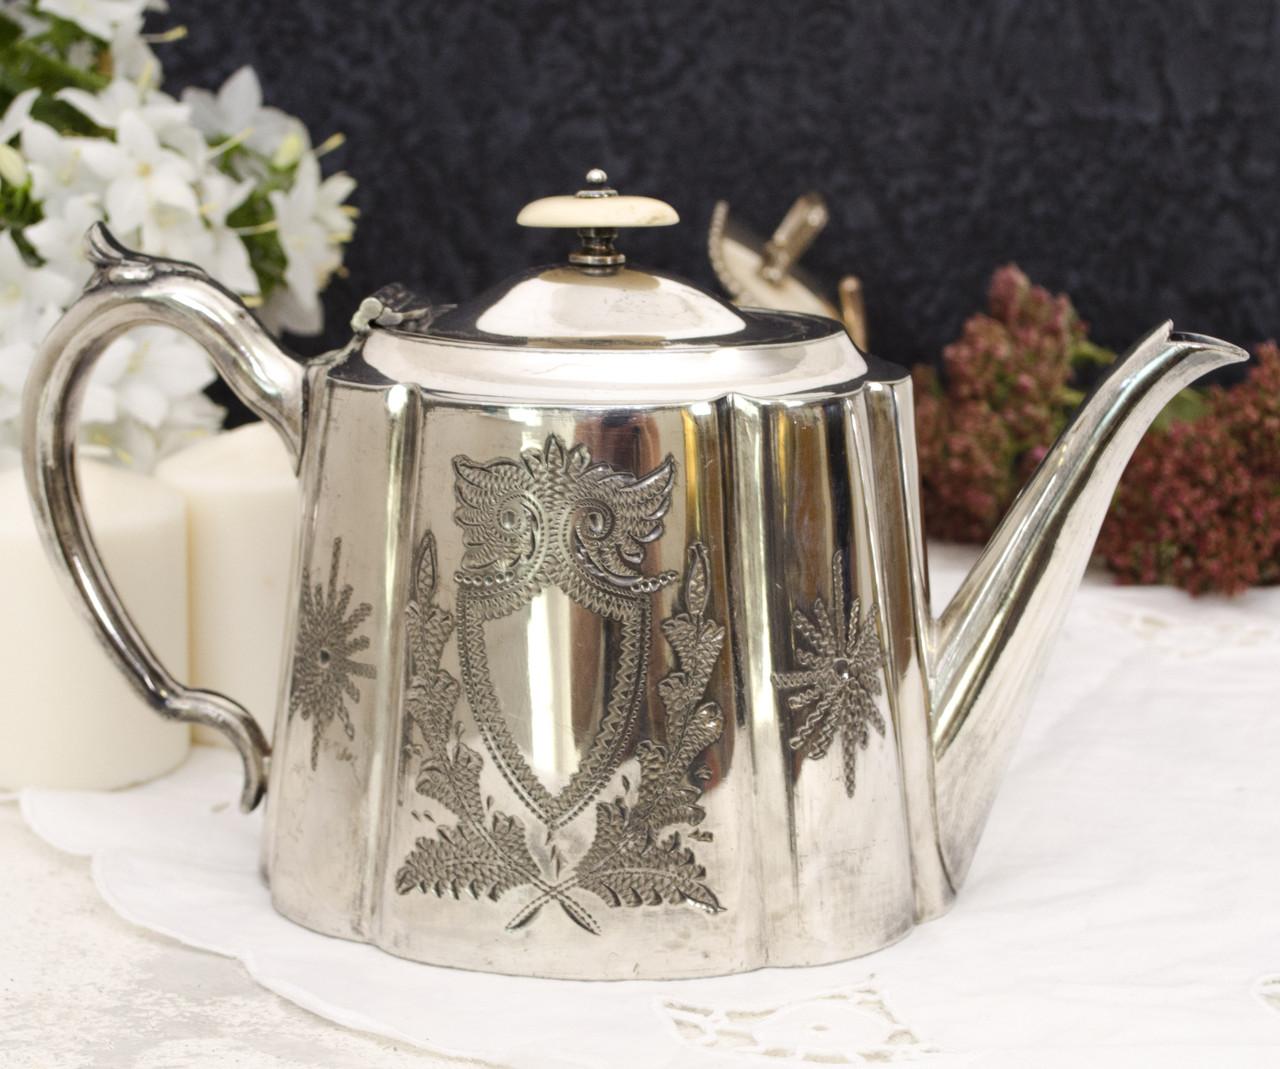 Посеребренный заварник, заварочный чайник, серебрение, мельхиор, винтаж, Англия